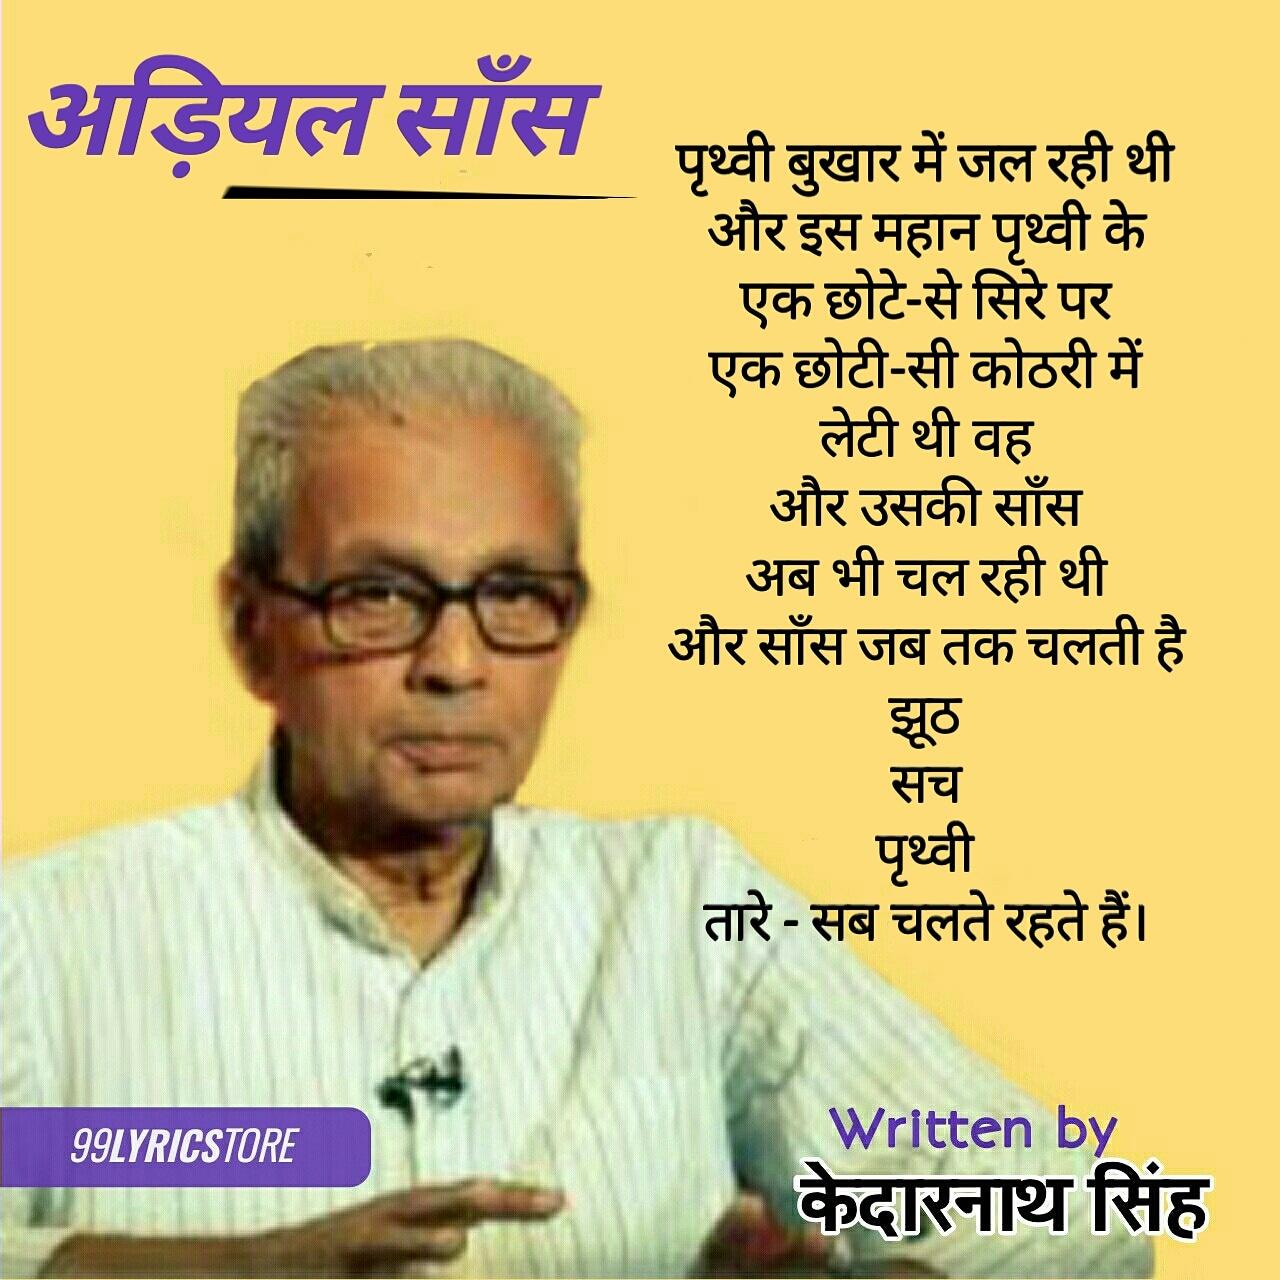 'अड़ियल साँस' कविता केदारनाथ सिंह जी द्वारा लिखी गई एक हिन्दी कविता है।